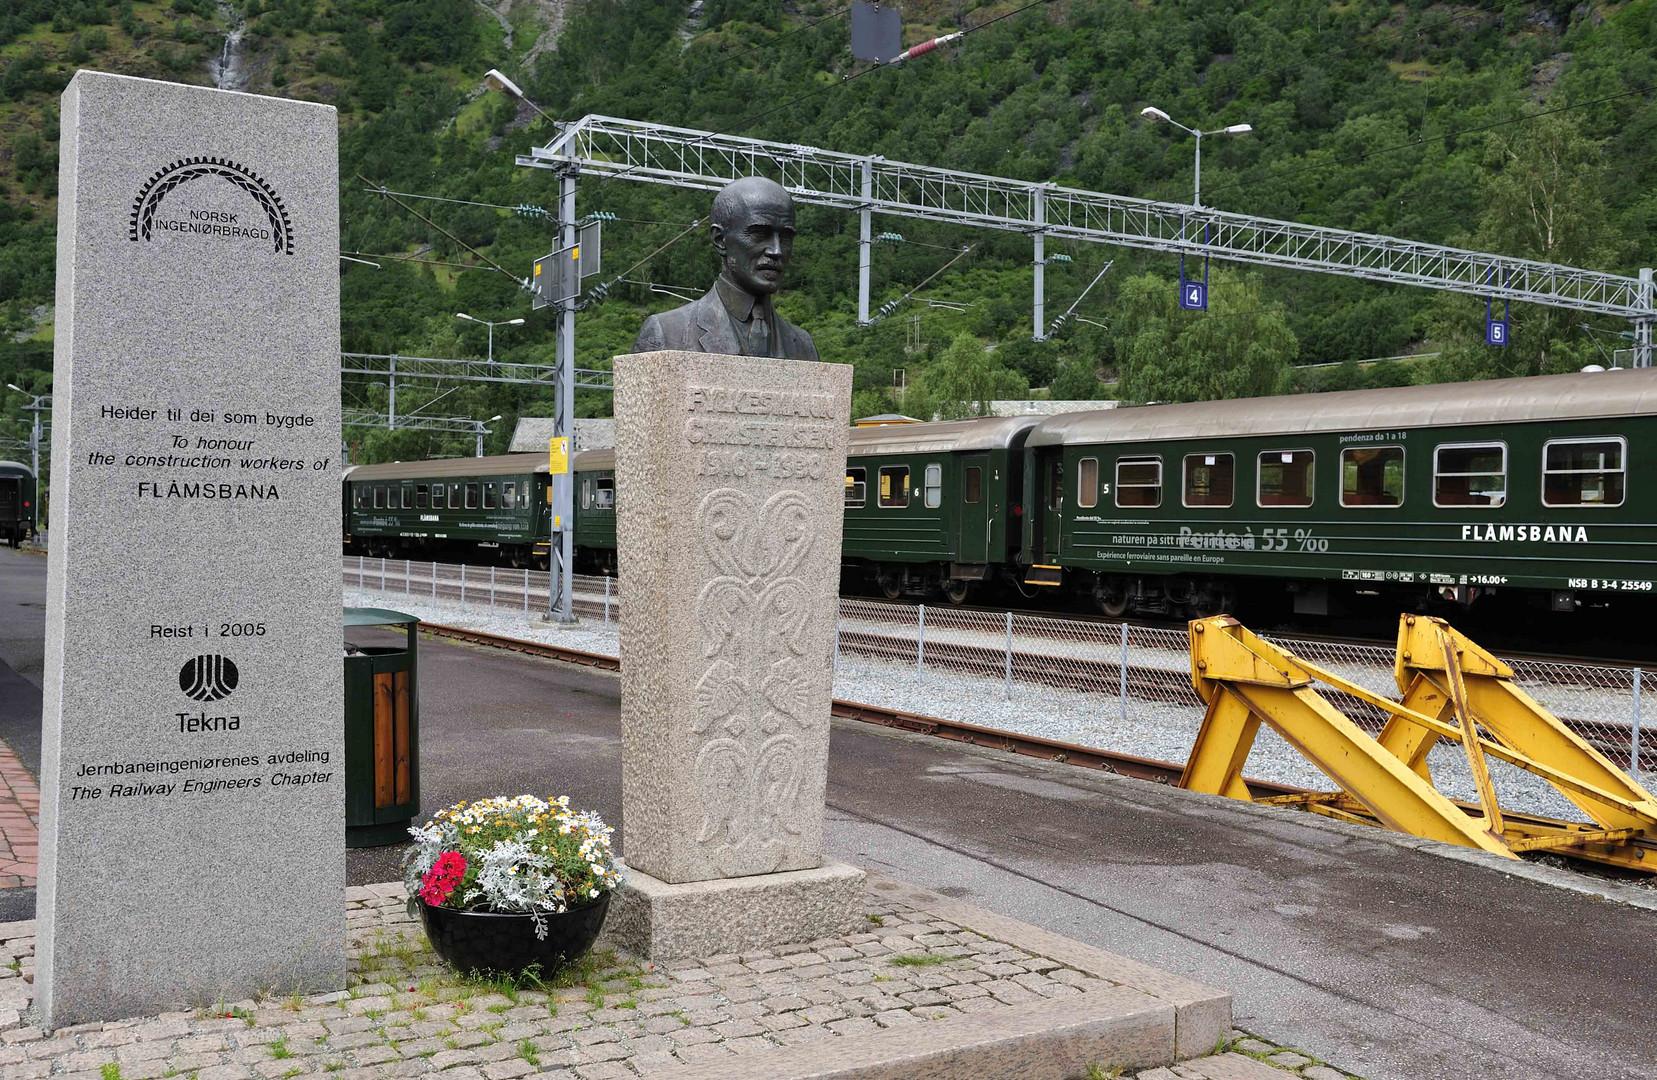 Gedenktafel an die Erbauer der Flambahn im Bahnhof in Flam